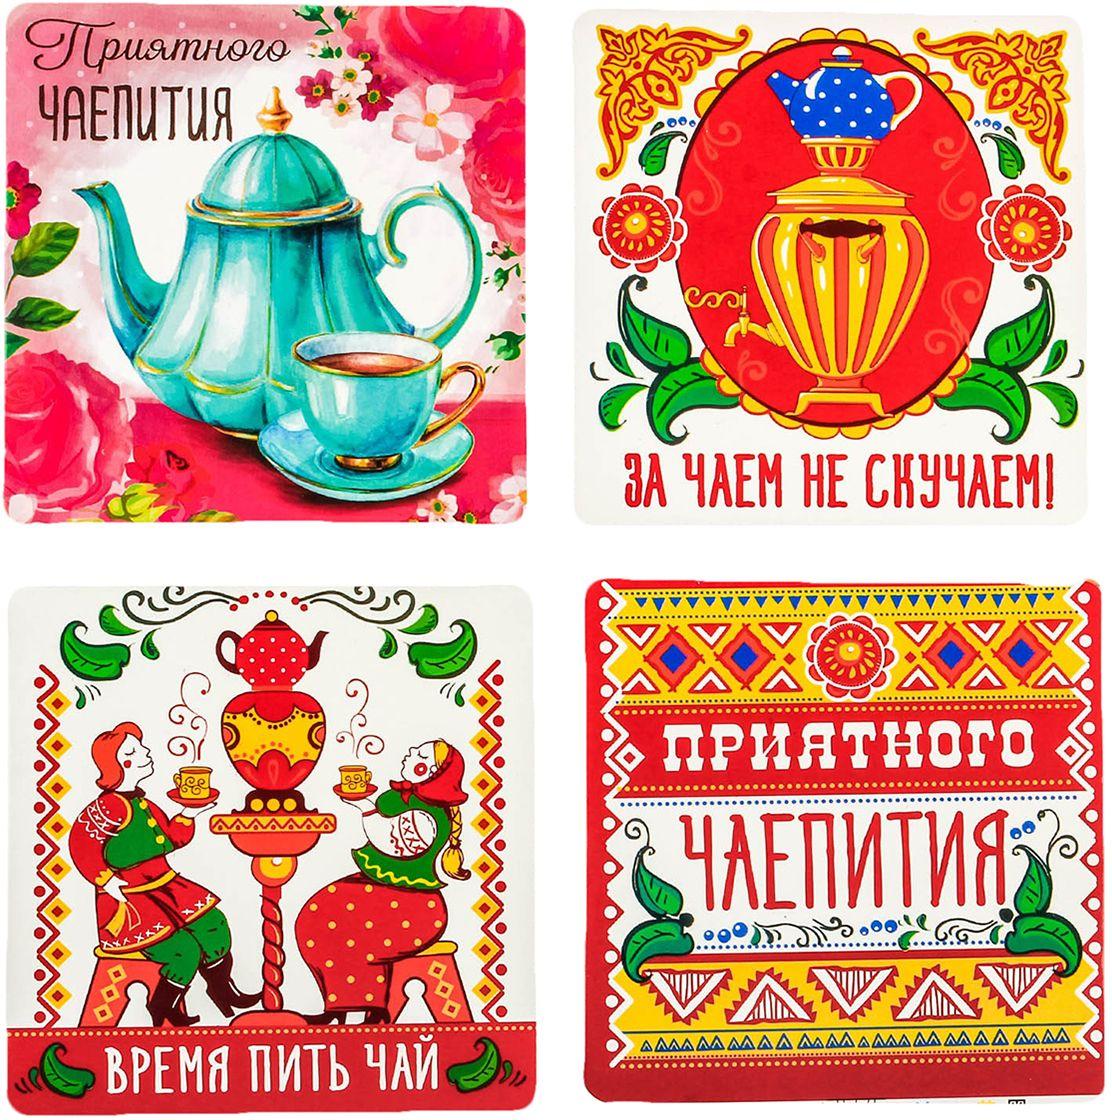 Набор подставок под горячее Время пить чай, 9 х 9 см, 4 шт2621568Больше не нужно переживать за скатерть или стол — подставка защитит их от жара и капель.Дарите радость вместе с нами!